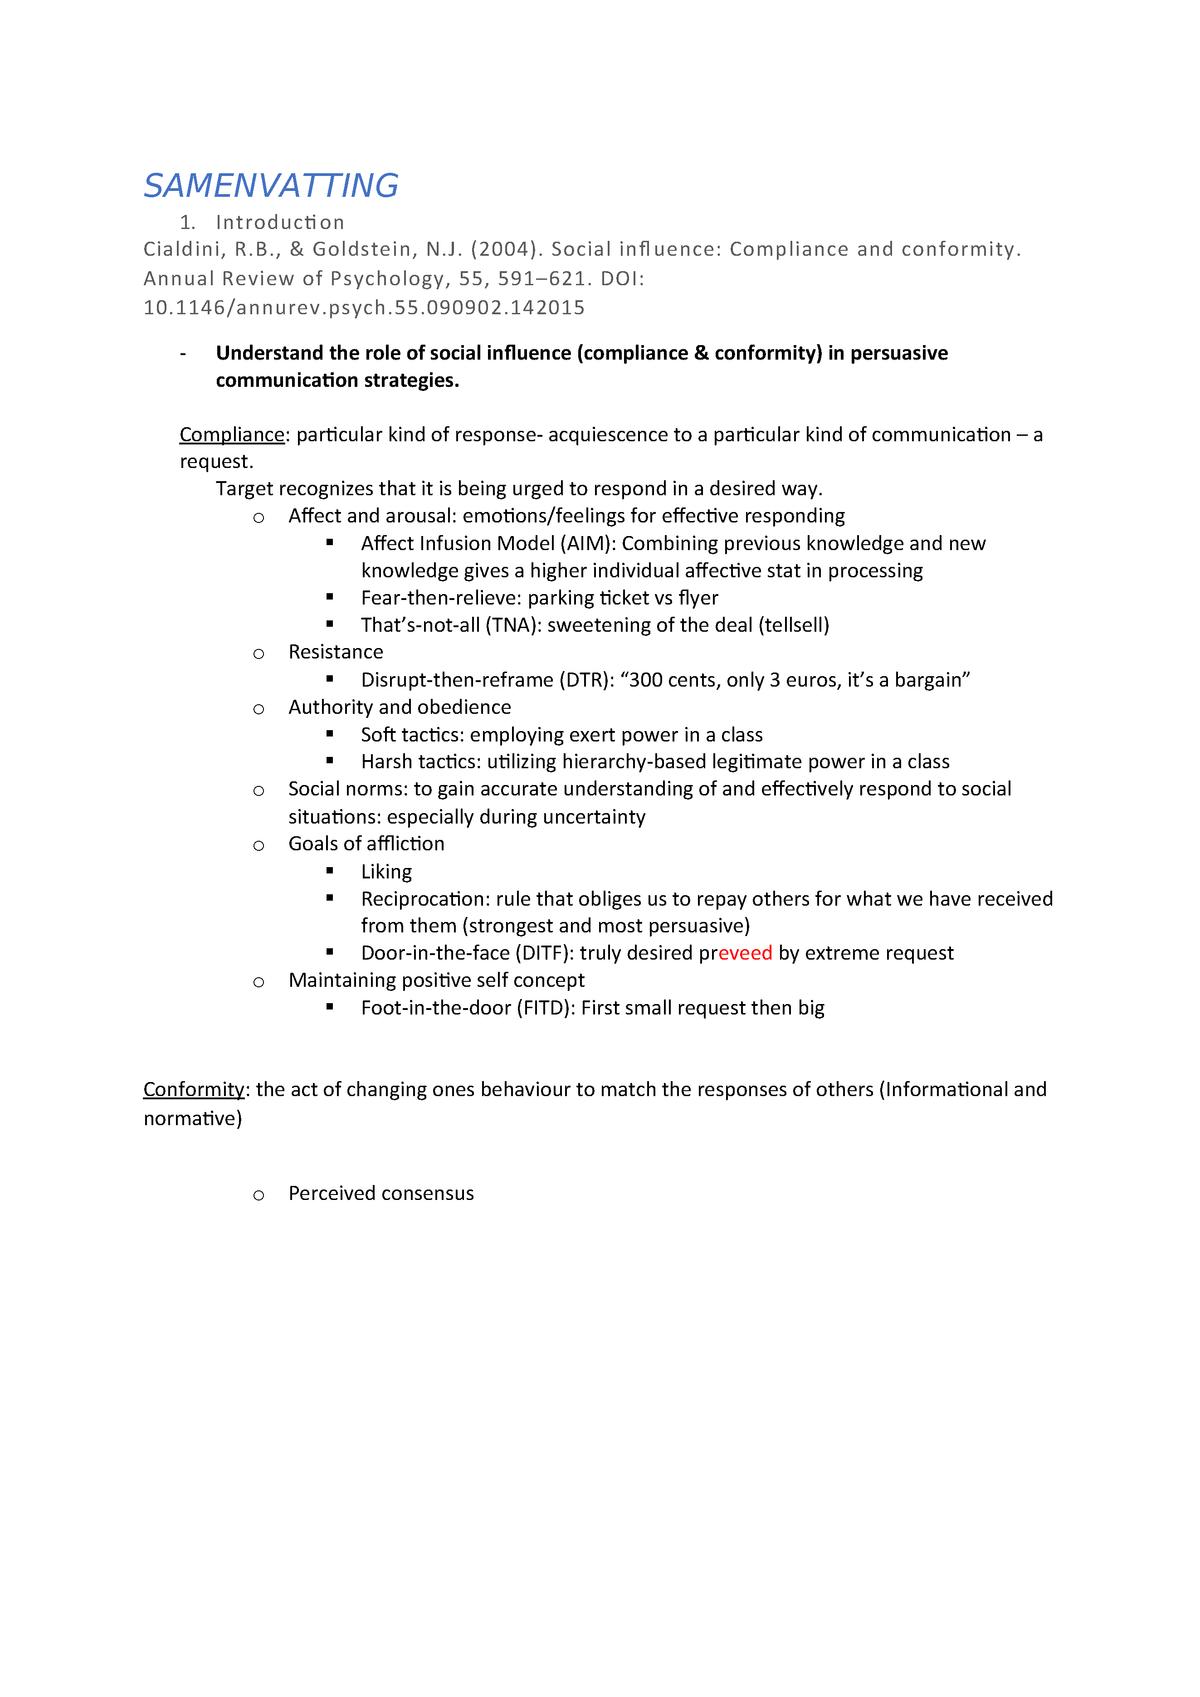 Samenvatting literatuur - CPT-23306 - StuDocu